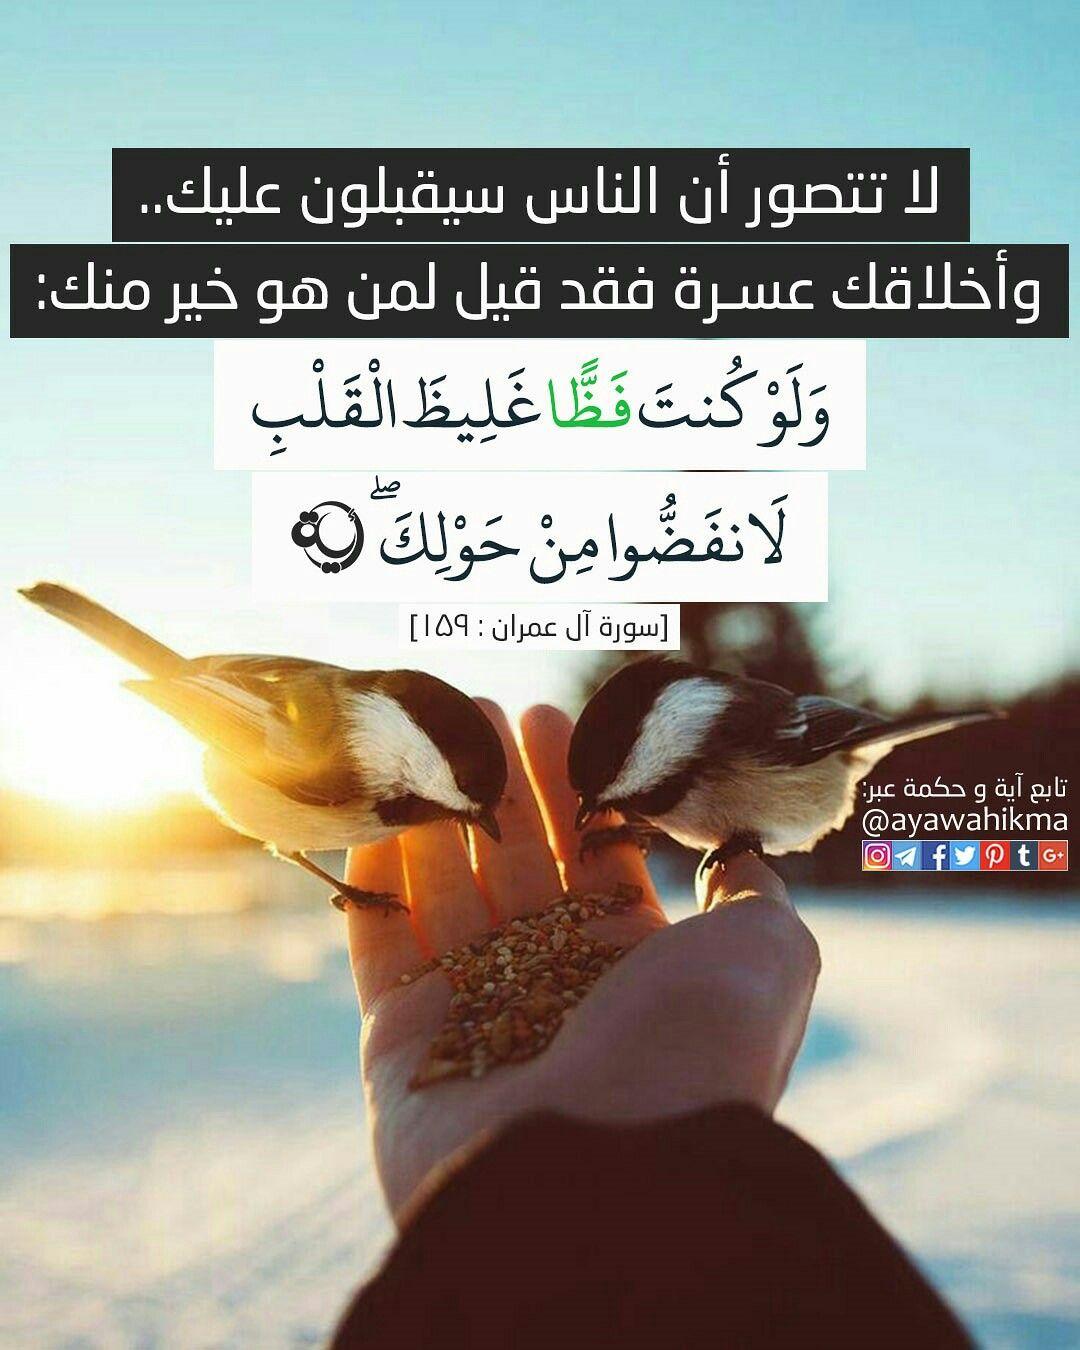 آیة و حكمة لا تتصور أن الناس سيقبلون عليك وأخلاقك عسرة فقد قيل لمن هو خير منك و ل و ك نت ف ظ ا غ ل يظ ال ق ل ب ل Quran Verses Quran Book Quran Quotes